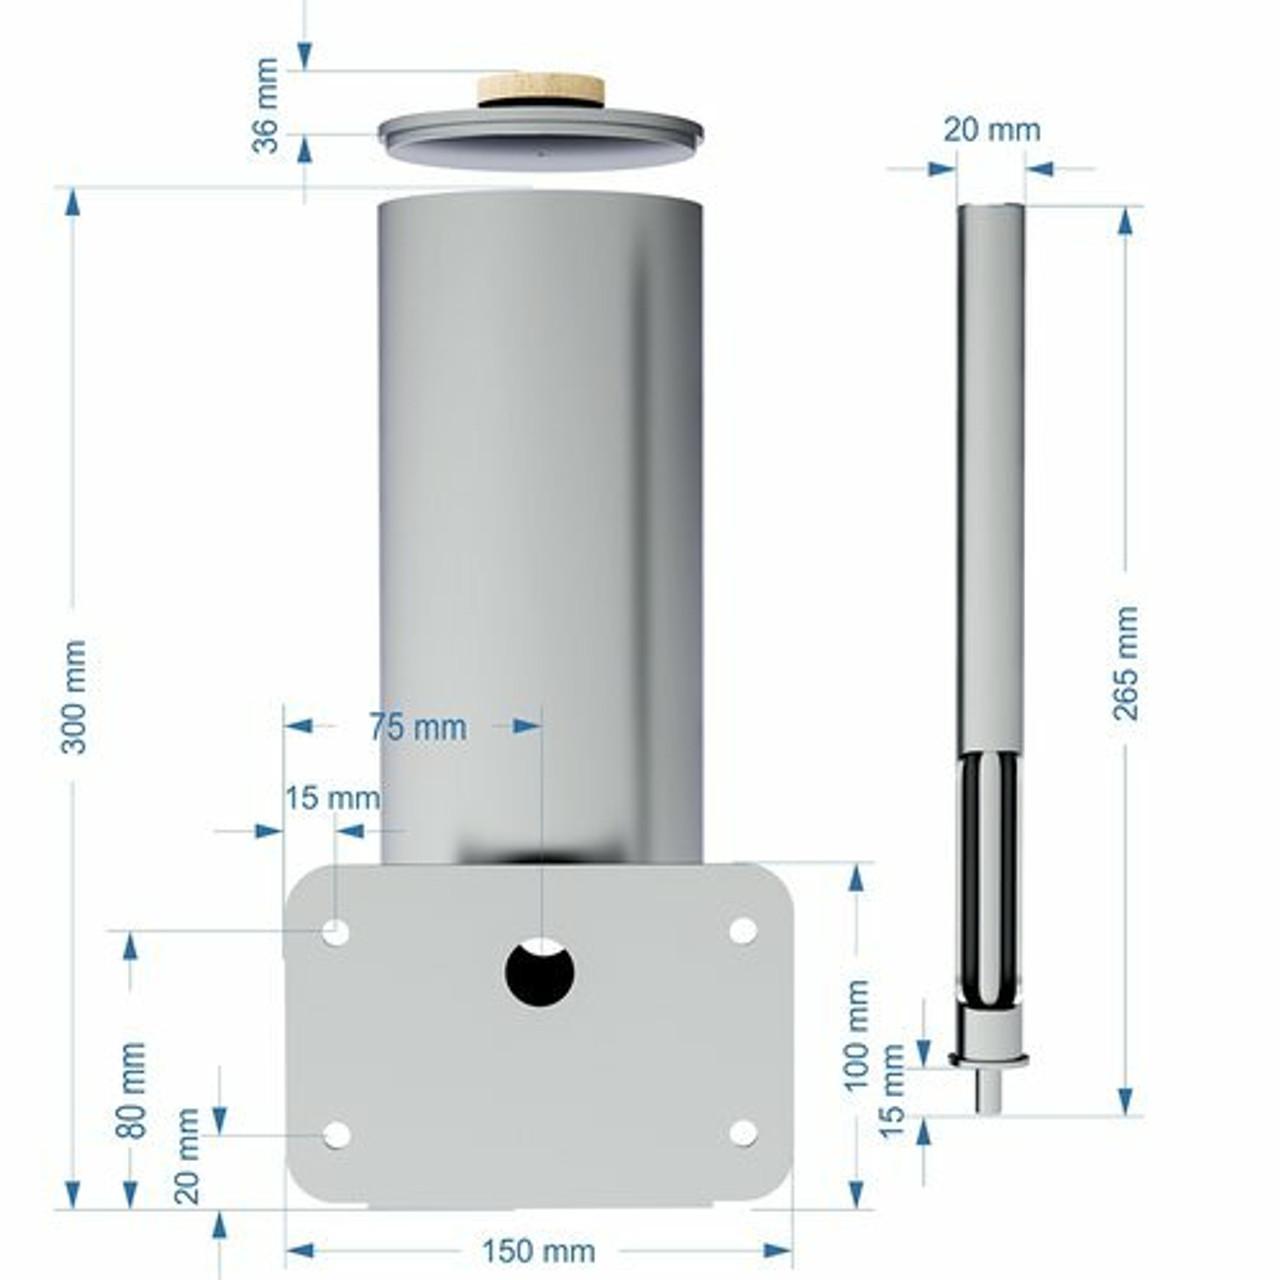 smoke generator dimensions